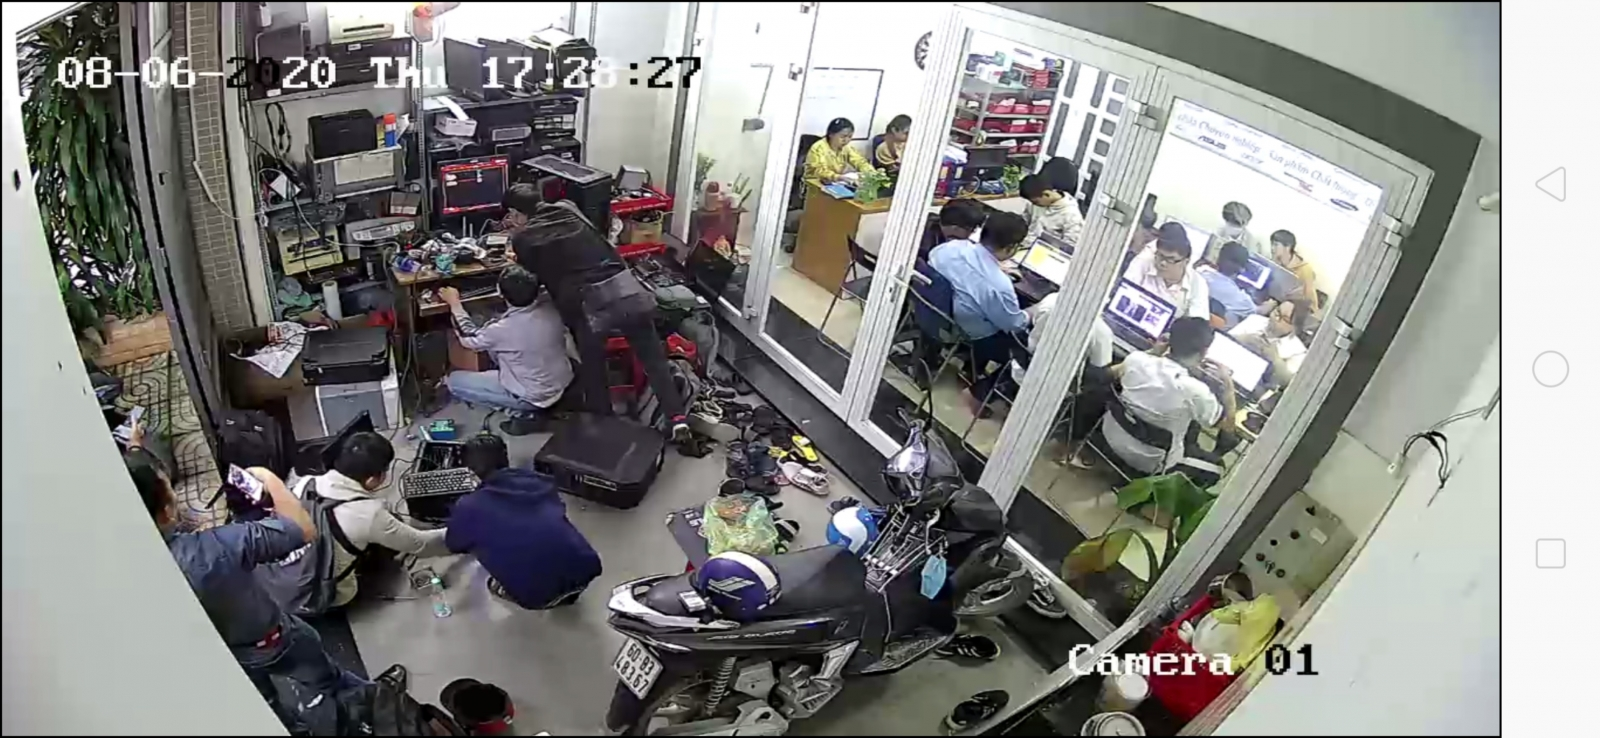 Công Ty Dịch Vụ Bảo Trì Máy Tính Tận Nơi Quận Tân Bình Uy Tín Nhanh